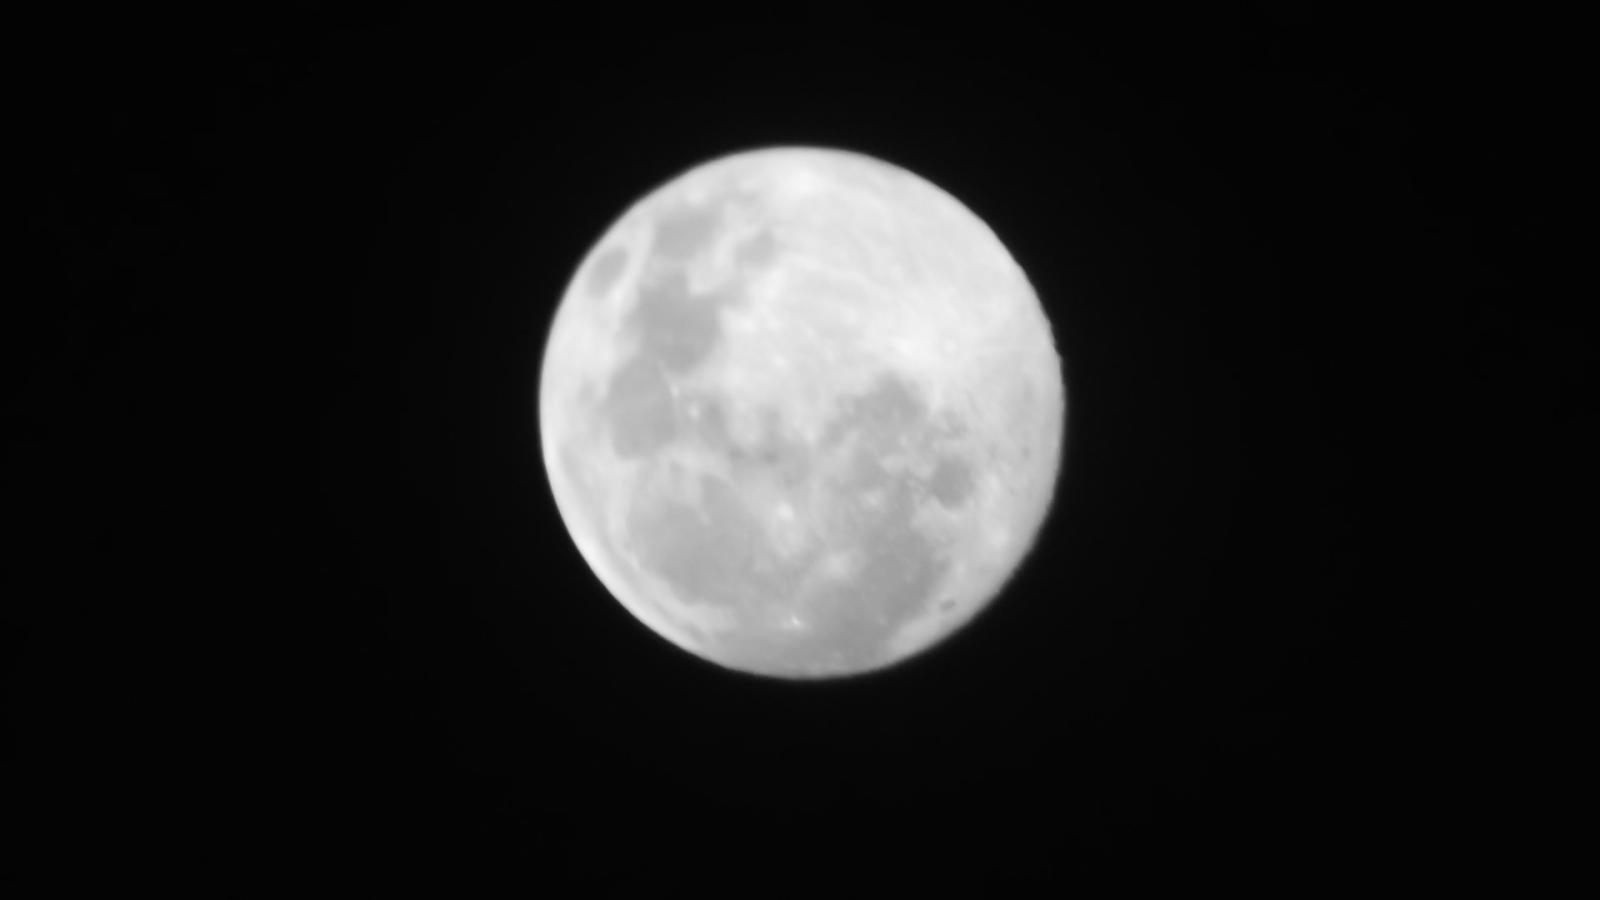 Fotos da Lua - Câmera compacta + Binóculo 10x50 Kc1fg3